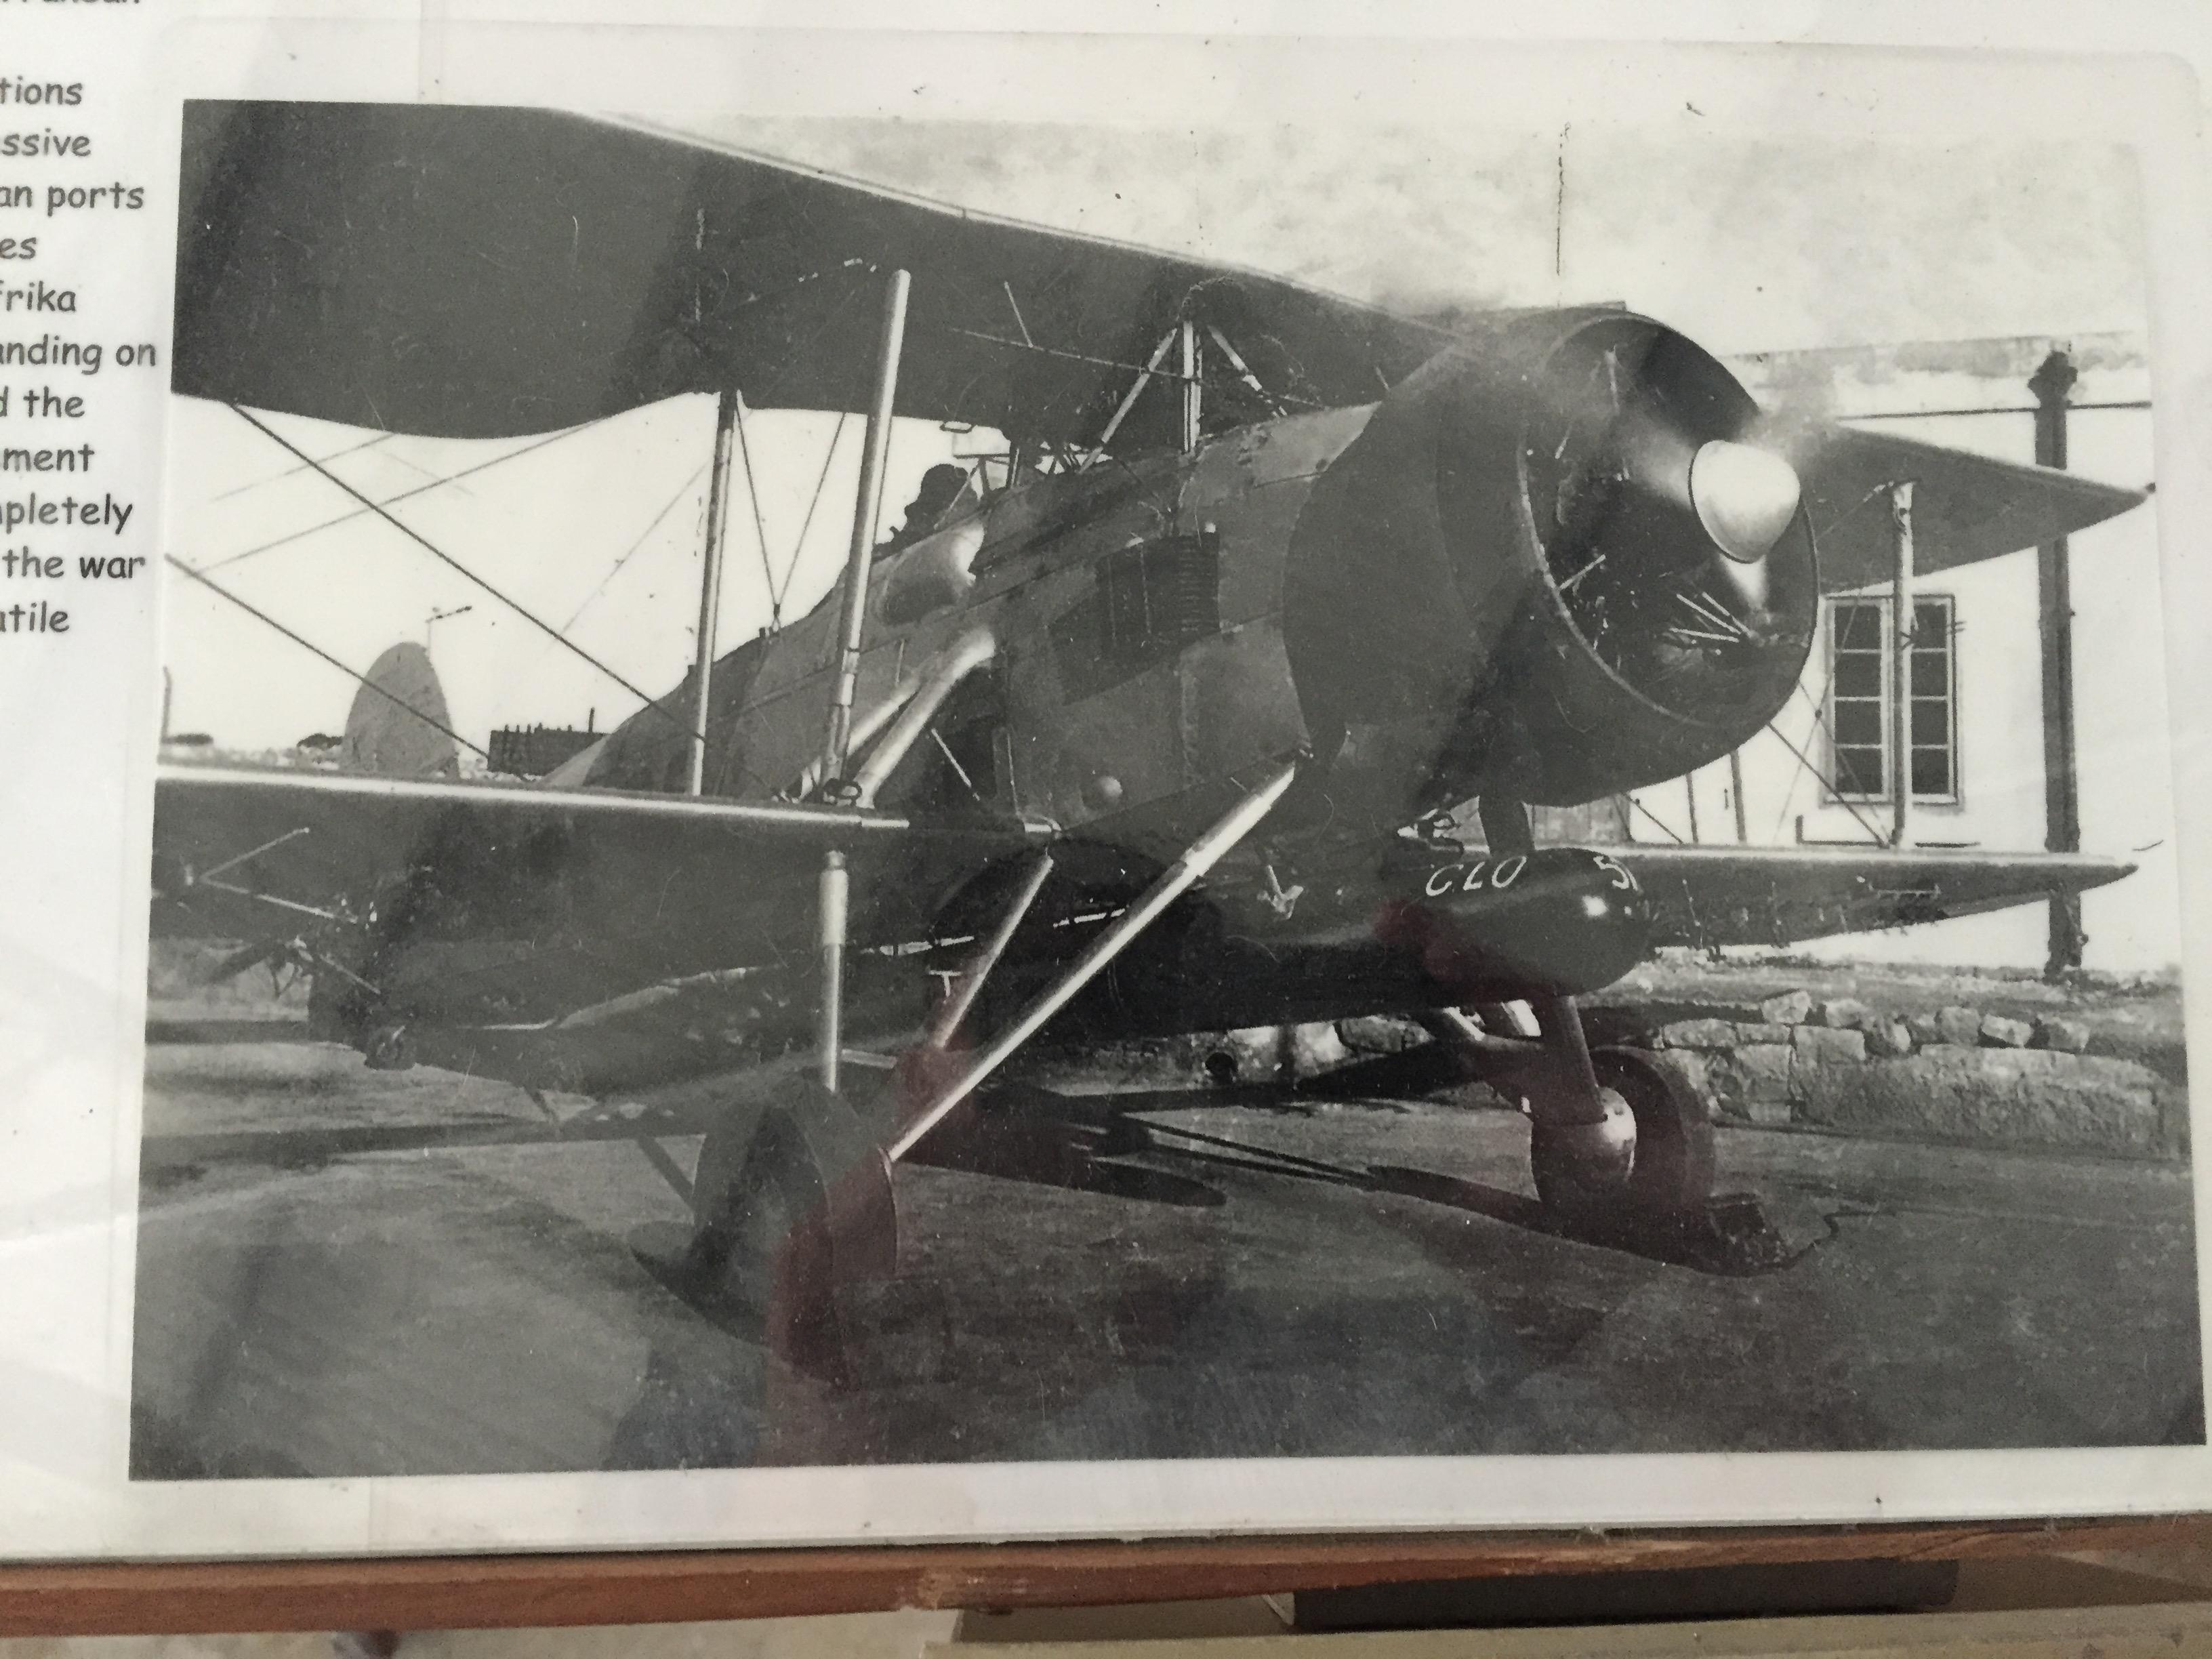 Malta Aviation Museum - Fairey Swordfish HS491